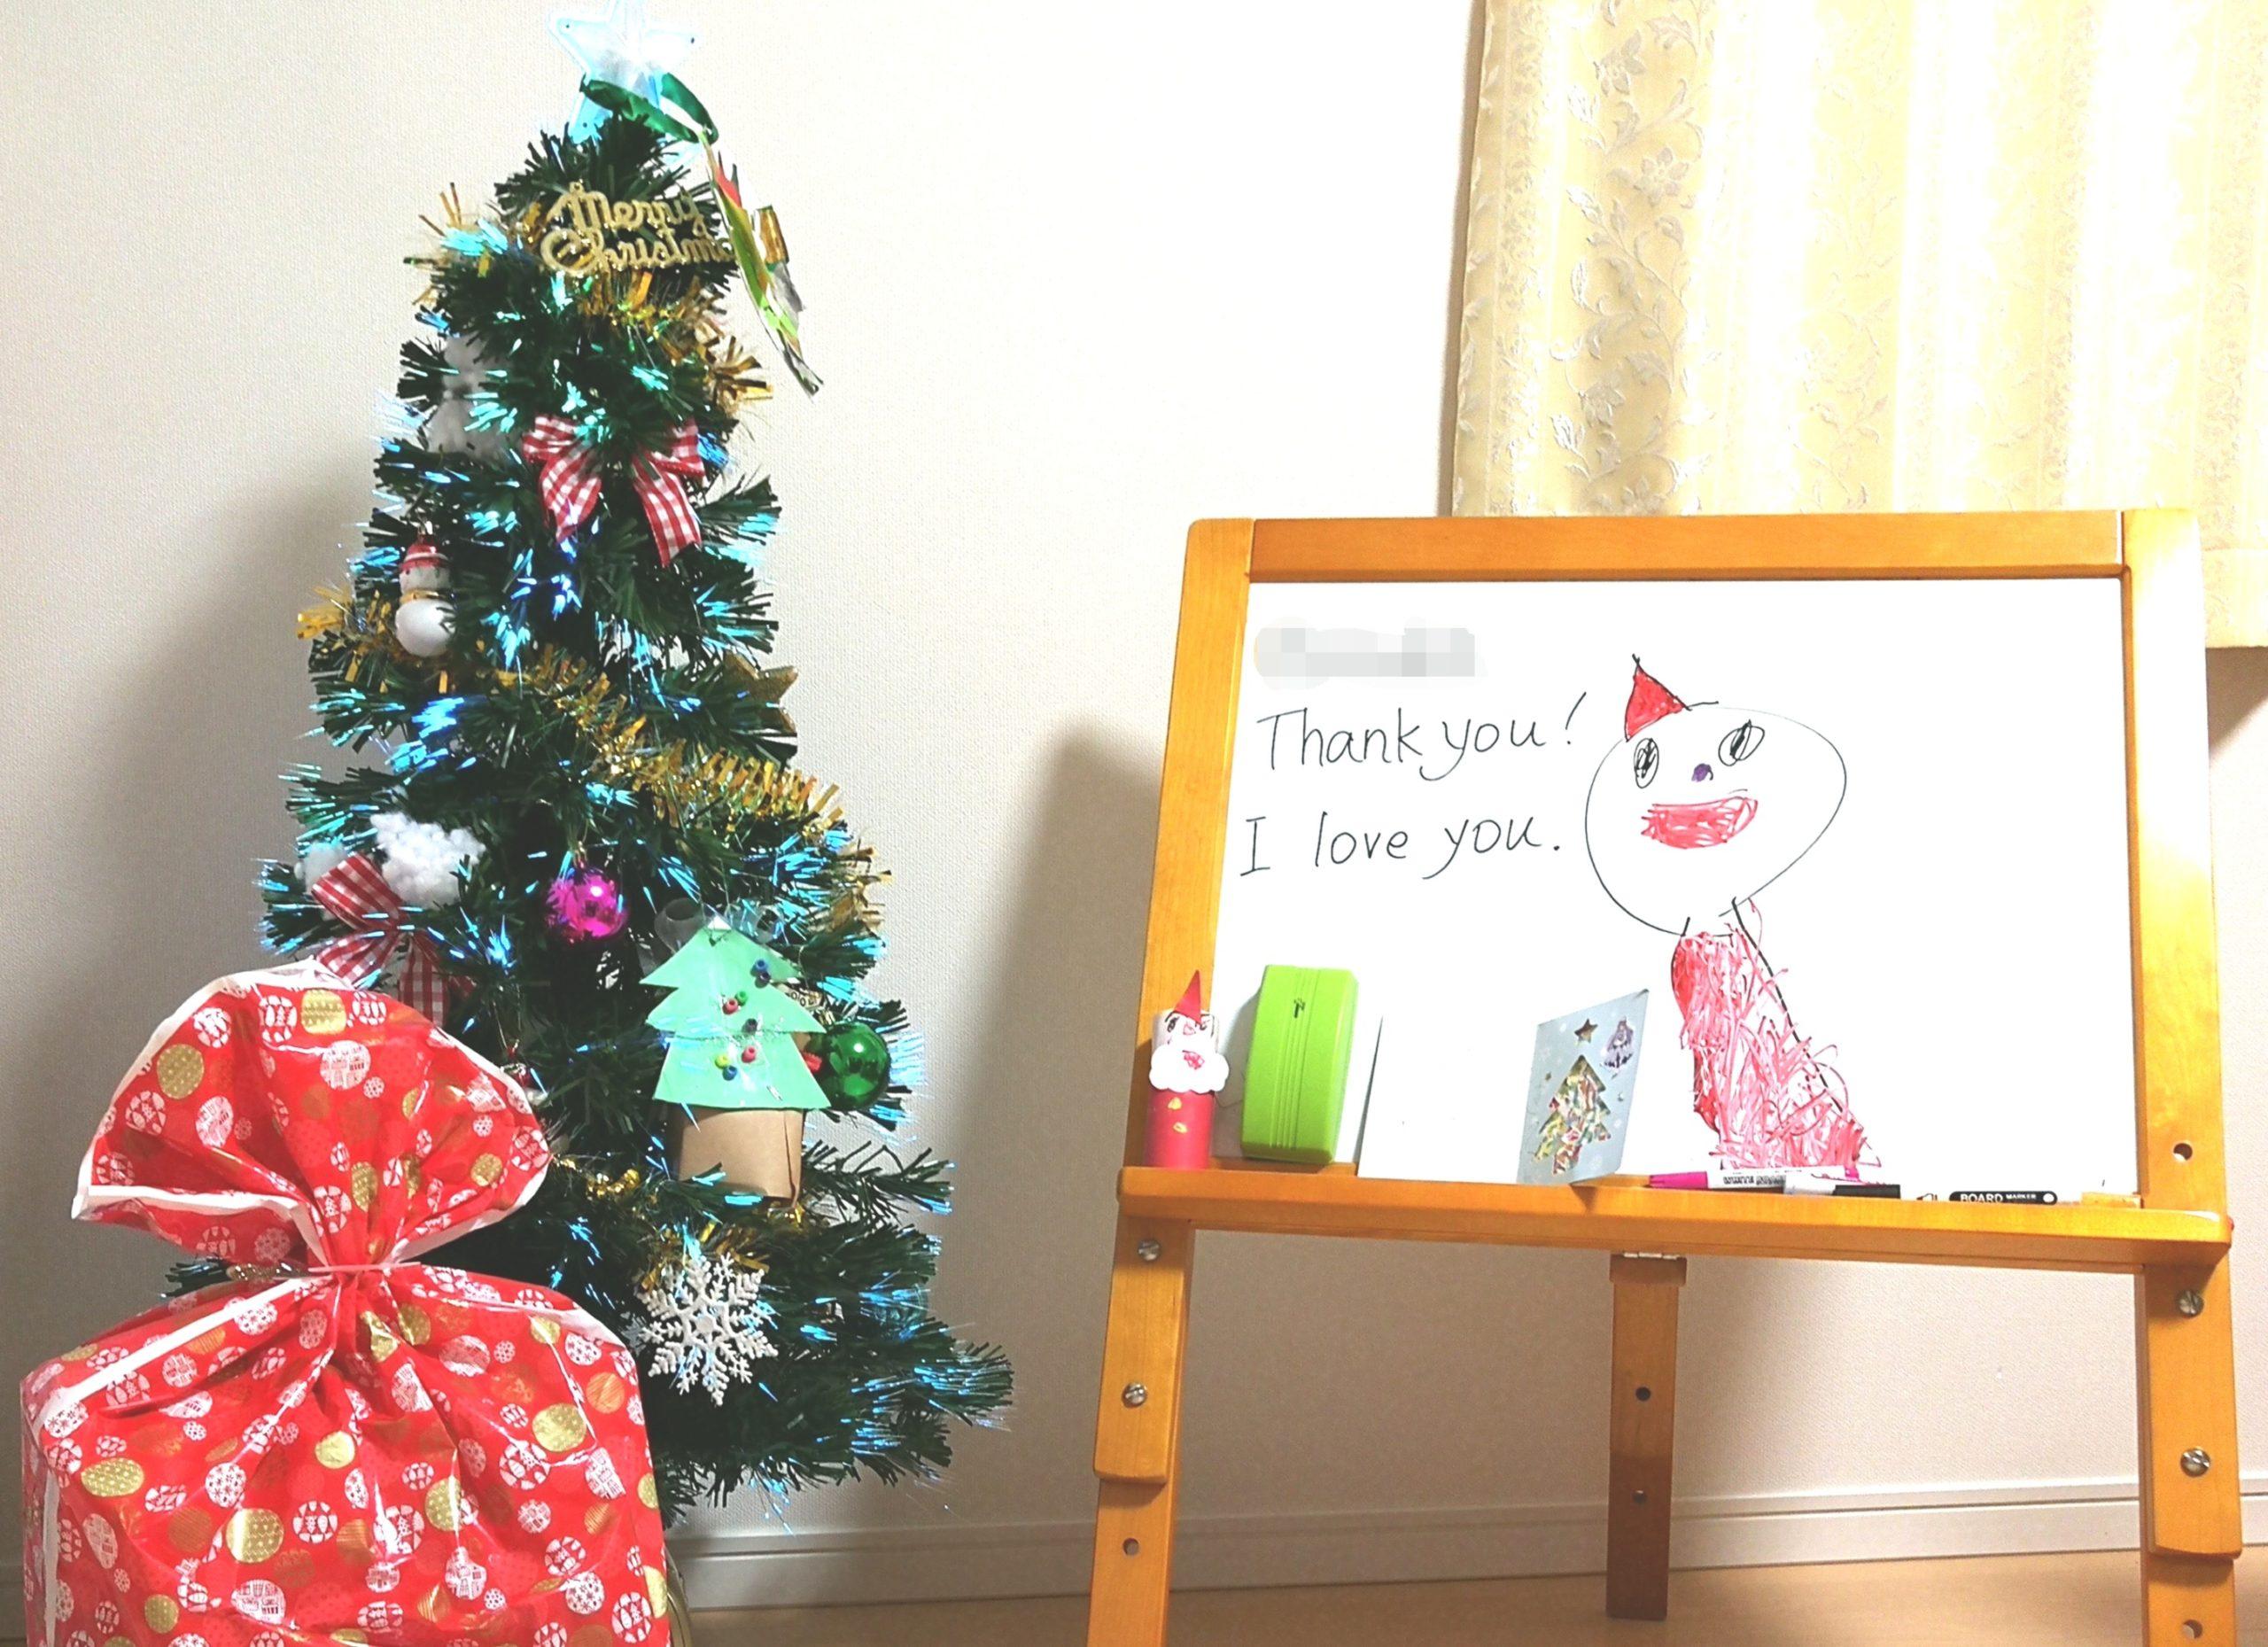 クリスマスツリーとクリスマスプレゼントとサンタさんへのお手紙とお返事